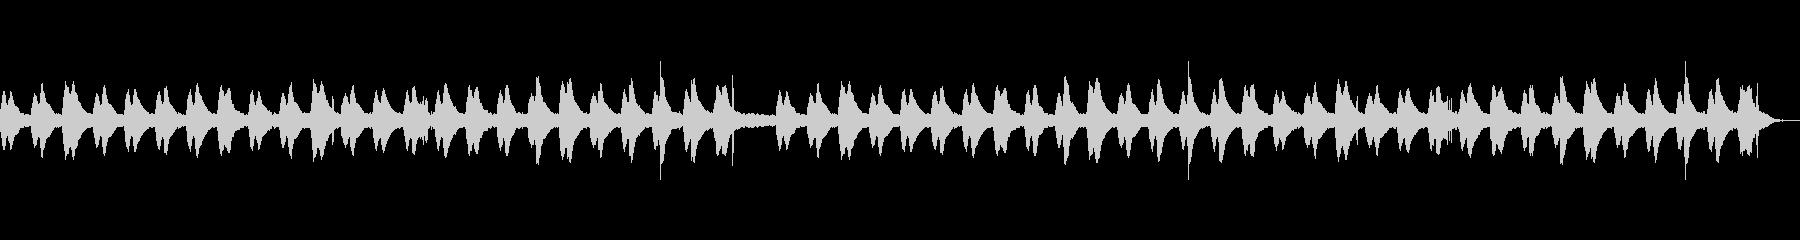 水のせせらぎ、鳥のさえずりで安らぐ音楽の未再生の波形